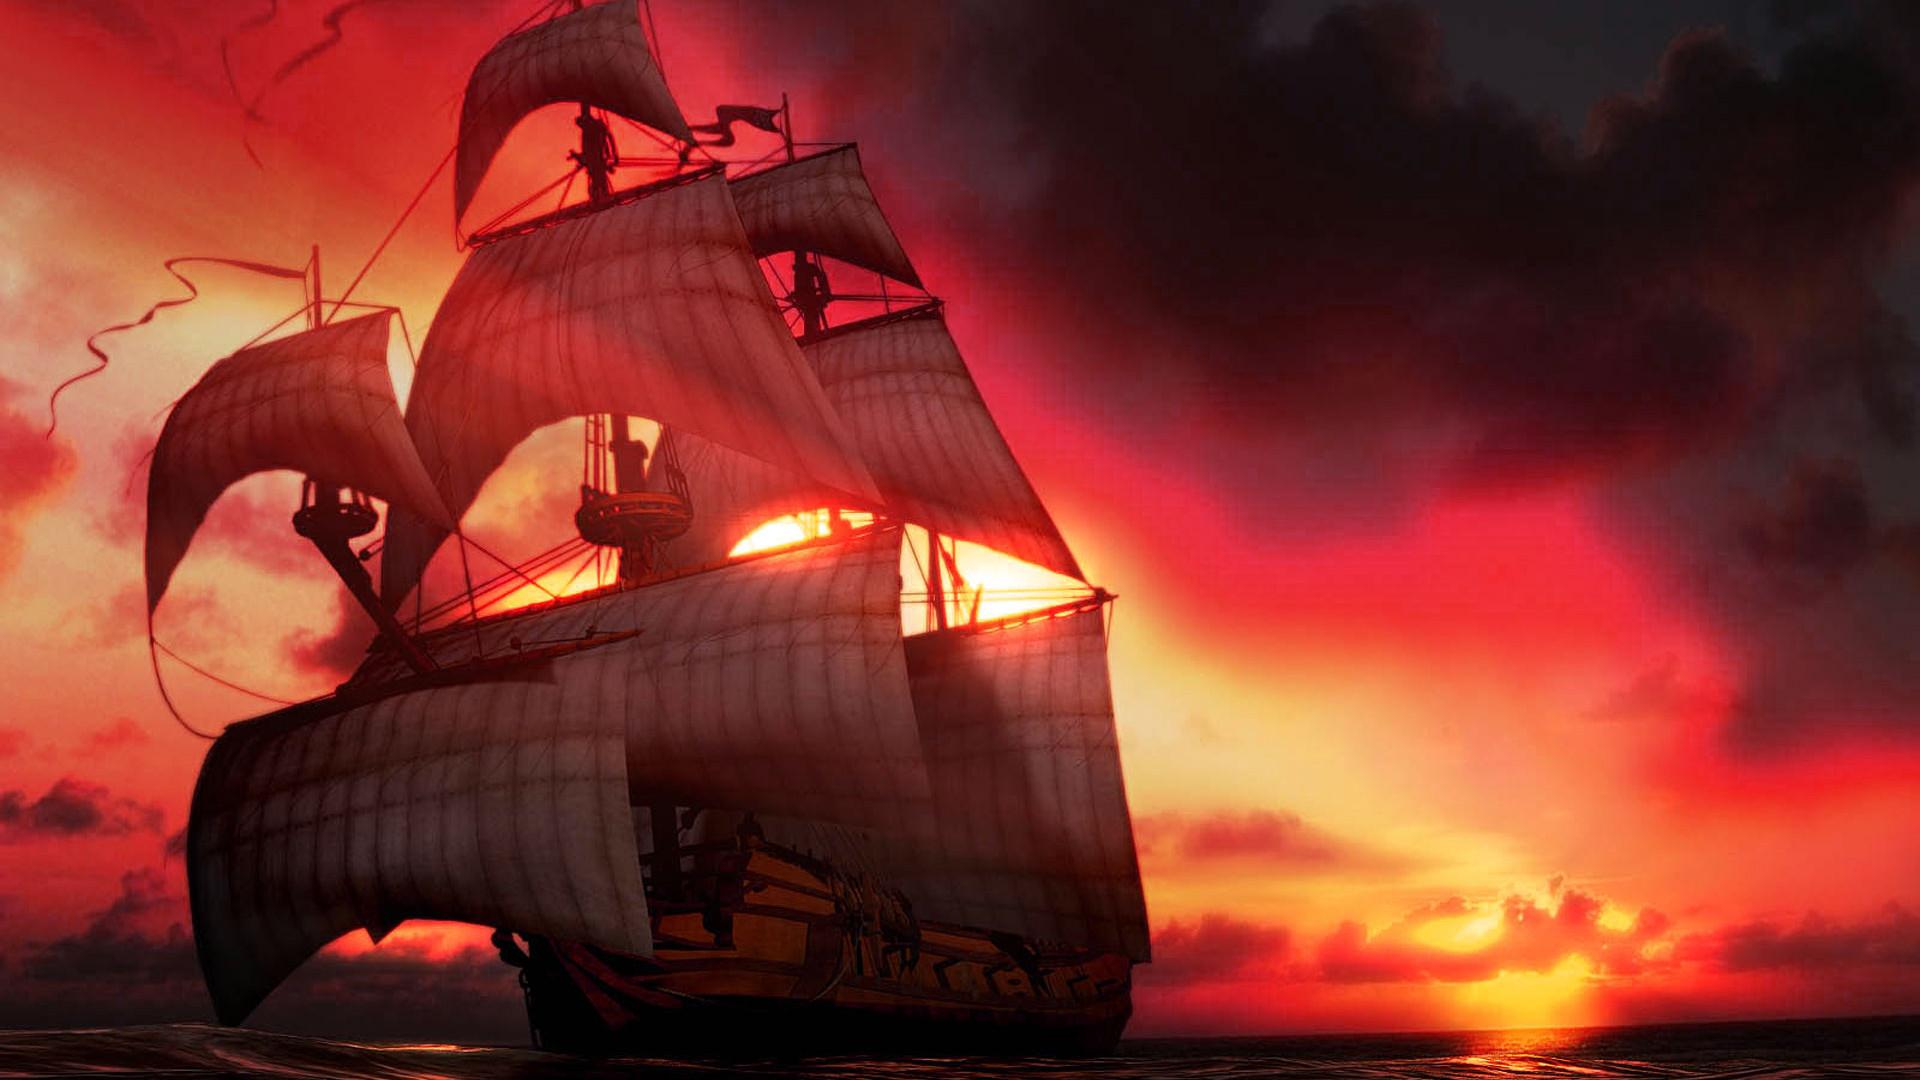 Hd Wallpapers: Barcos Piratas Wallpapers, Barcos Piratas Reales Fondos Hd